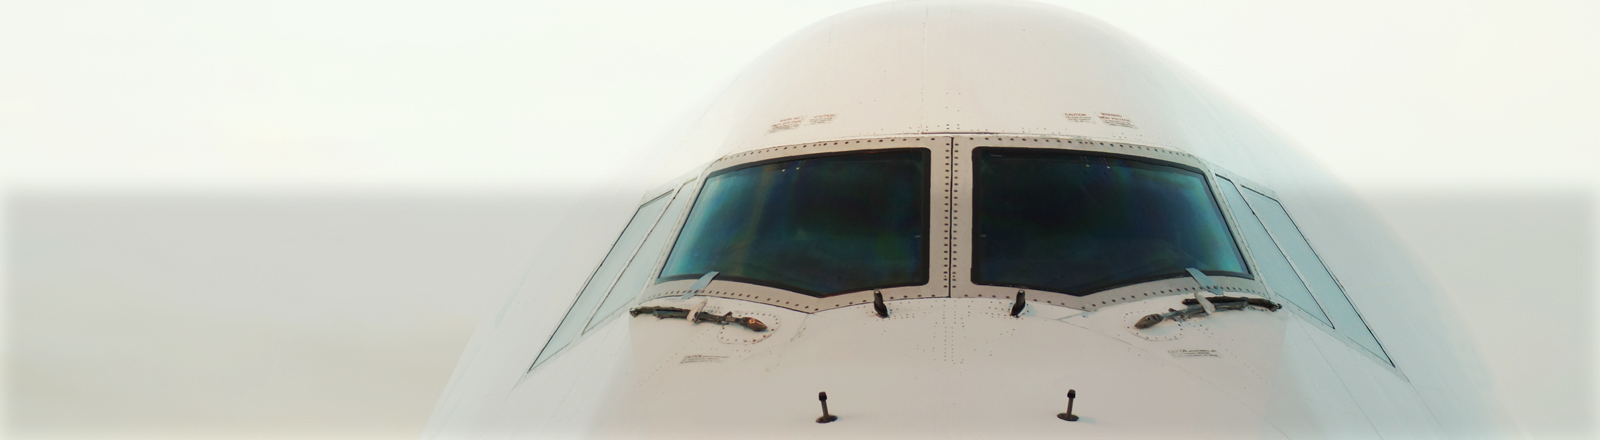 Die Nase eines Flugzeugs.